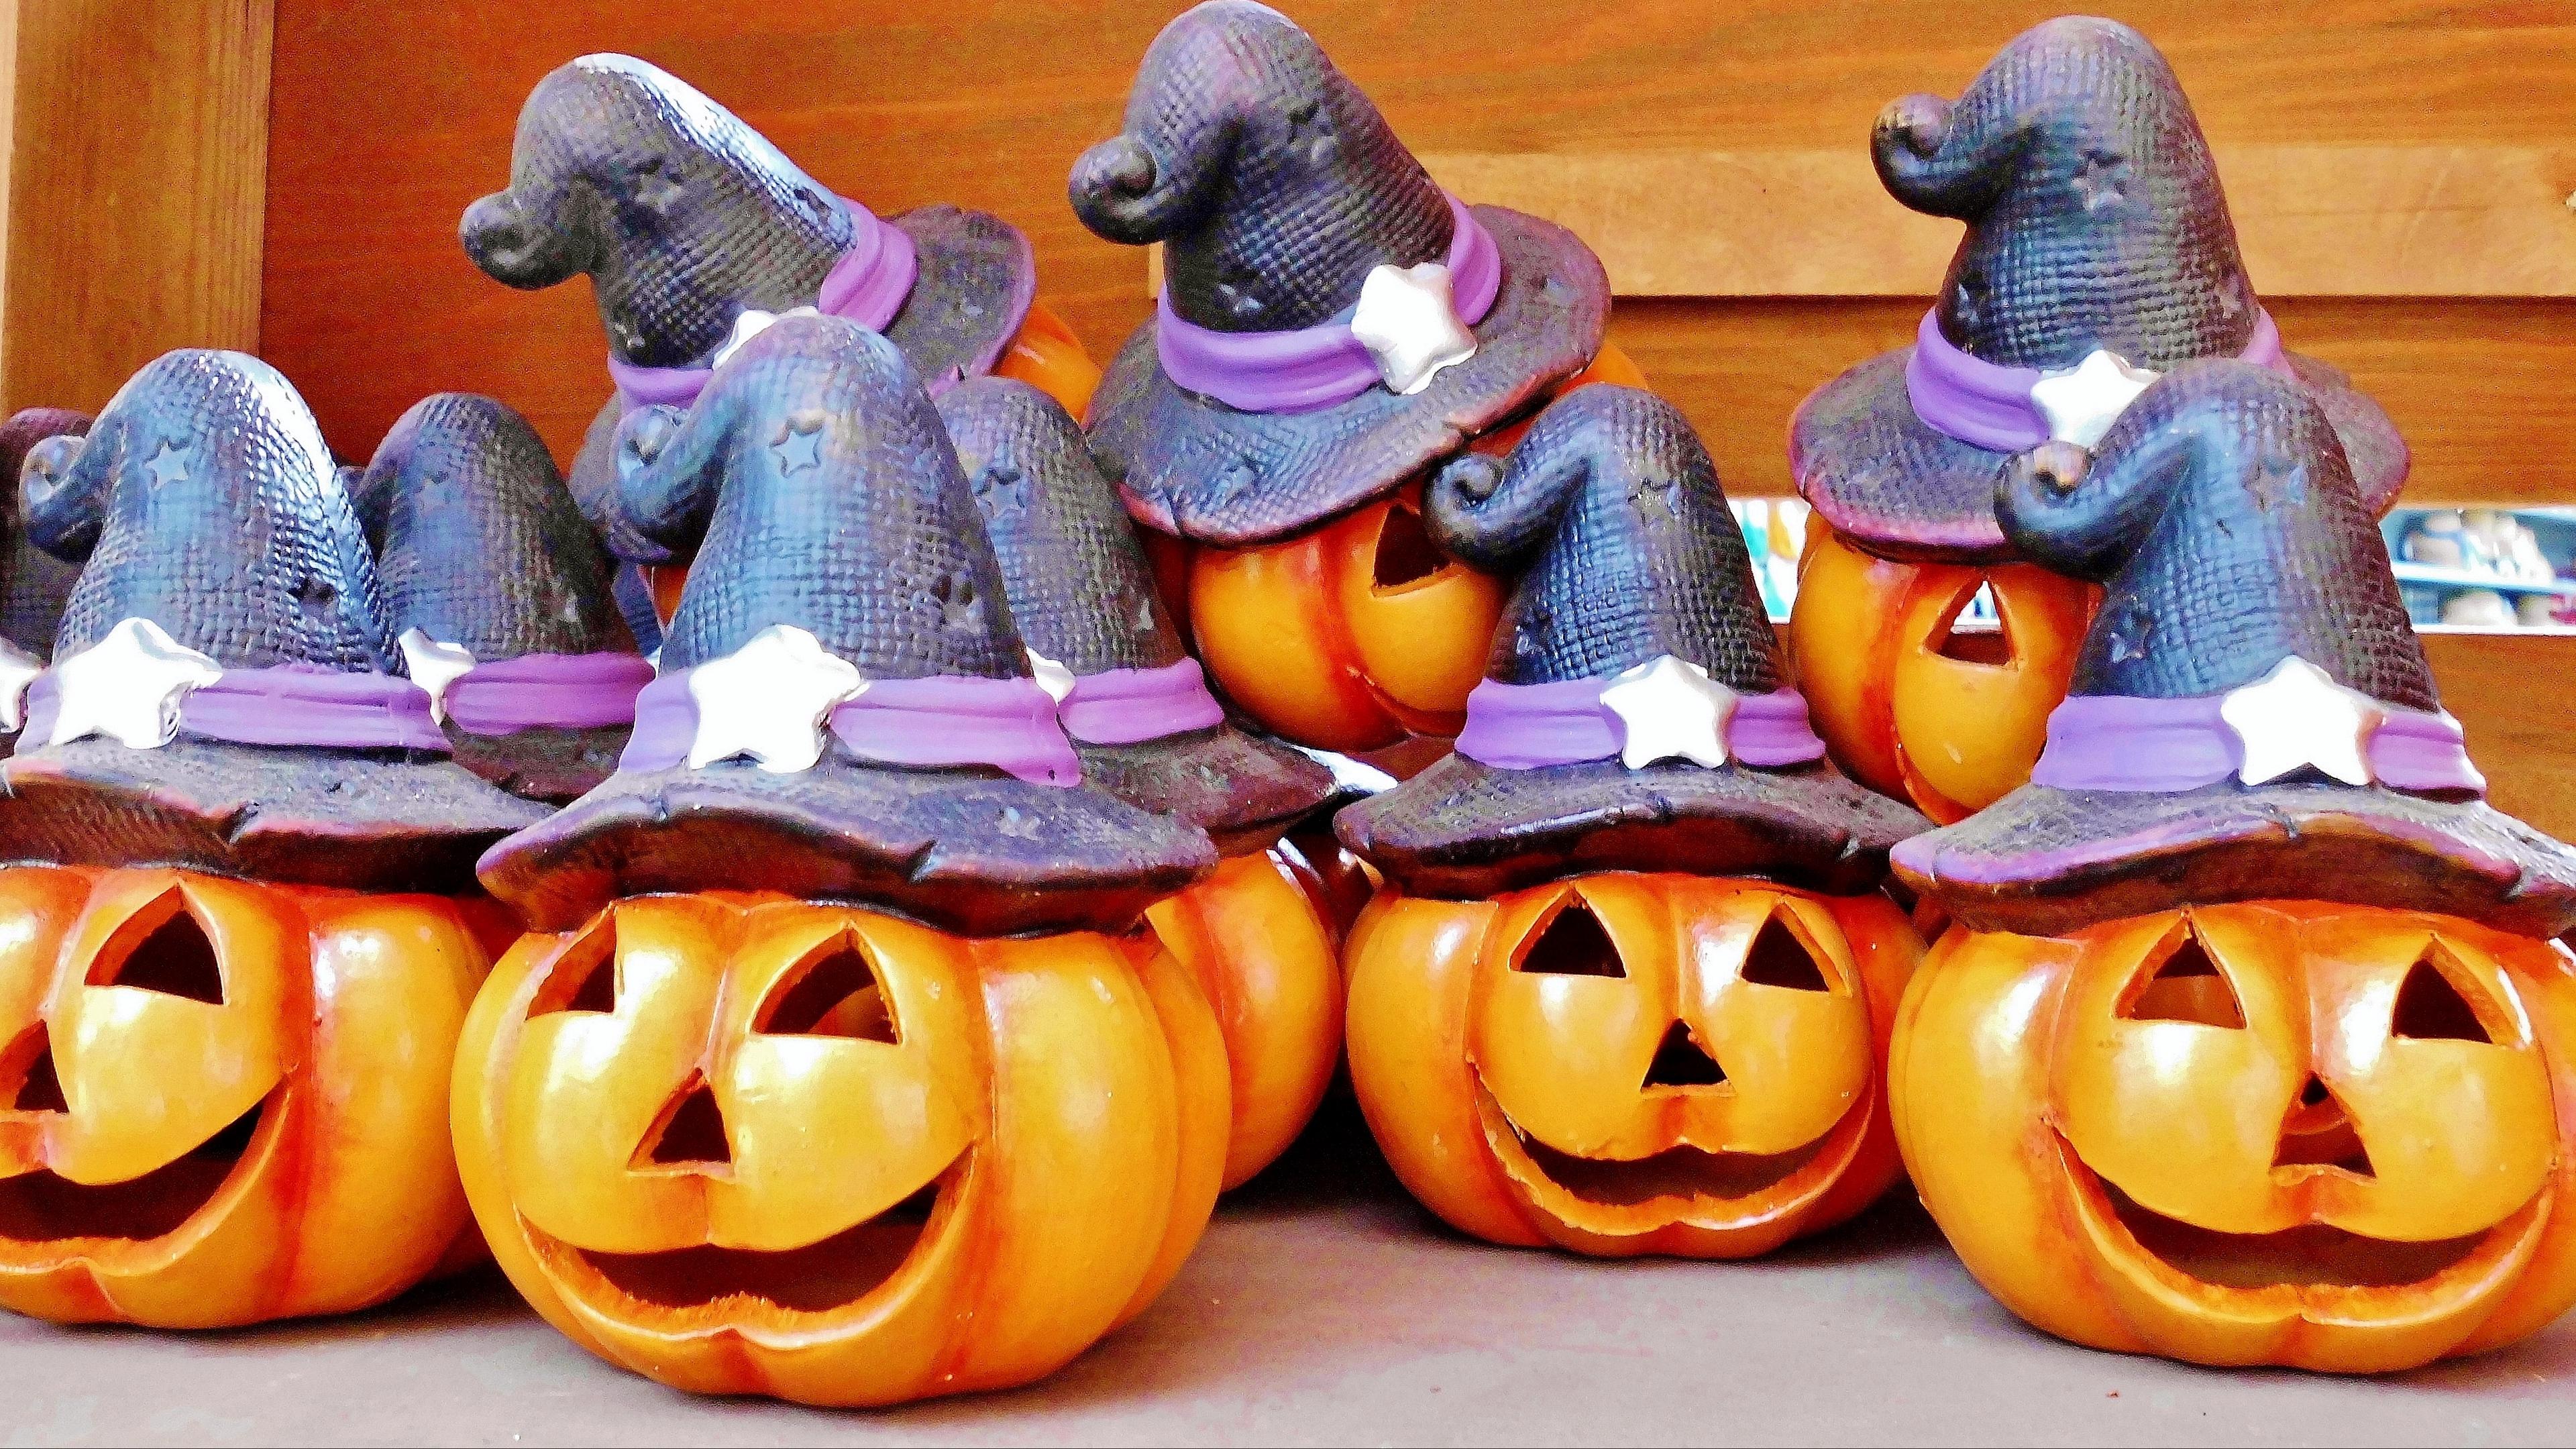 halloween pumpkin hat 4k 1538344853 - halloween, pumpkin, hat 4k - pumpkin, hat, halloween